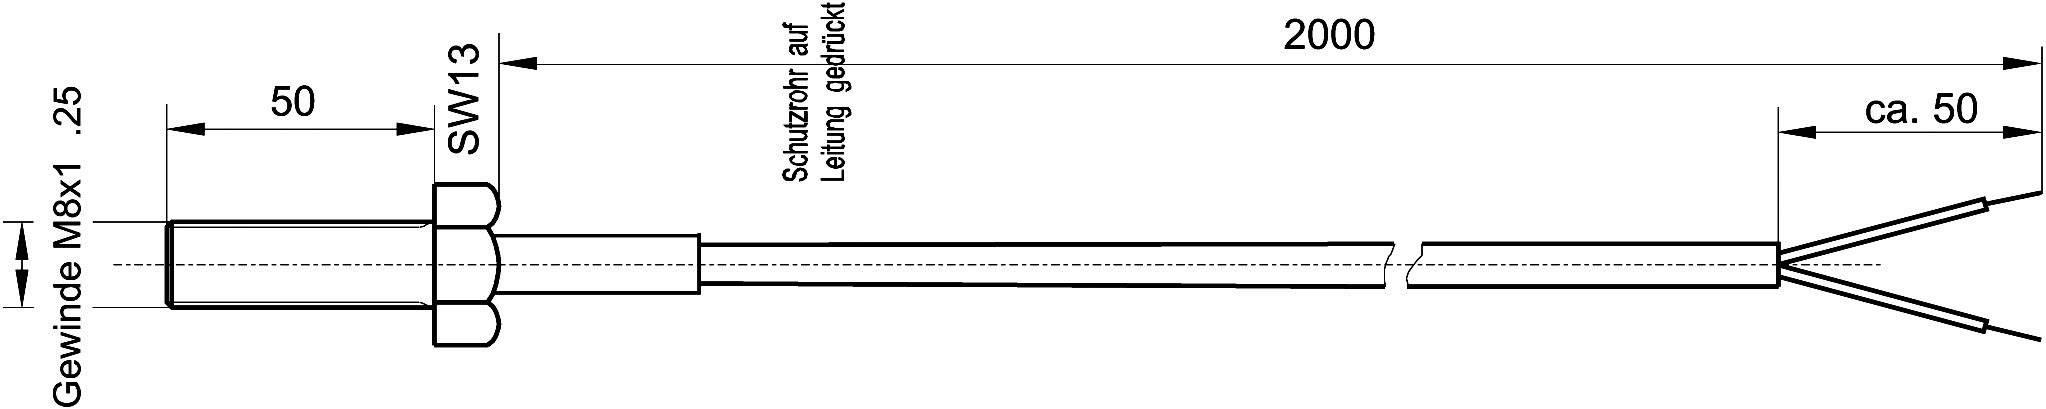 Termočlánek Enda K10-Pt100, podle DIN EN60751, -50 až 400 °C, délka kabelu 2 m